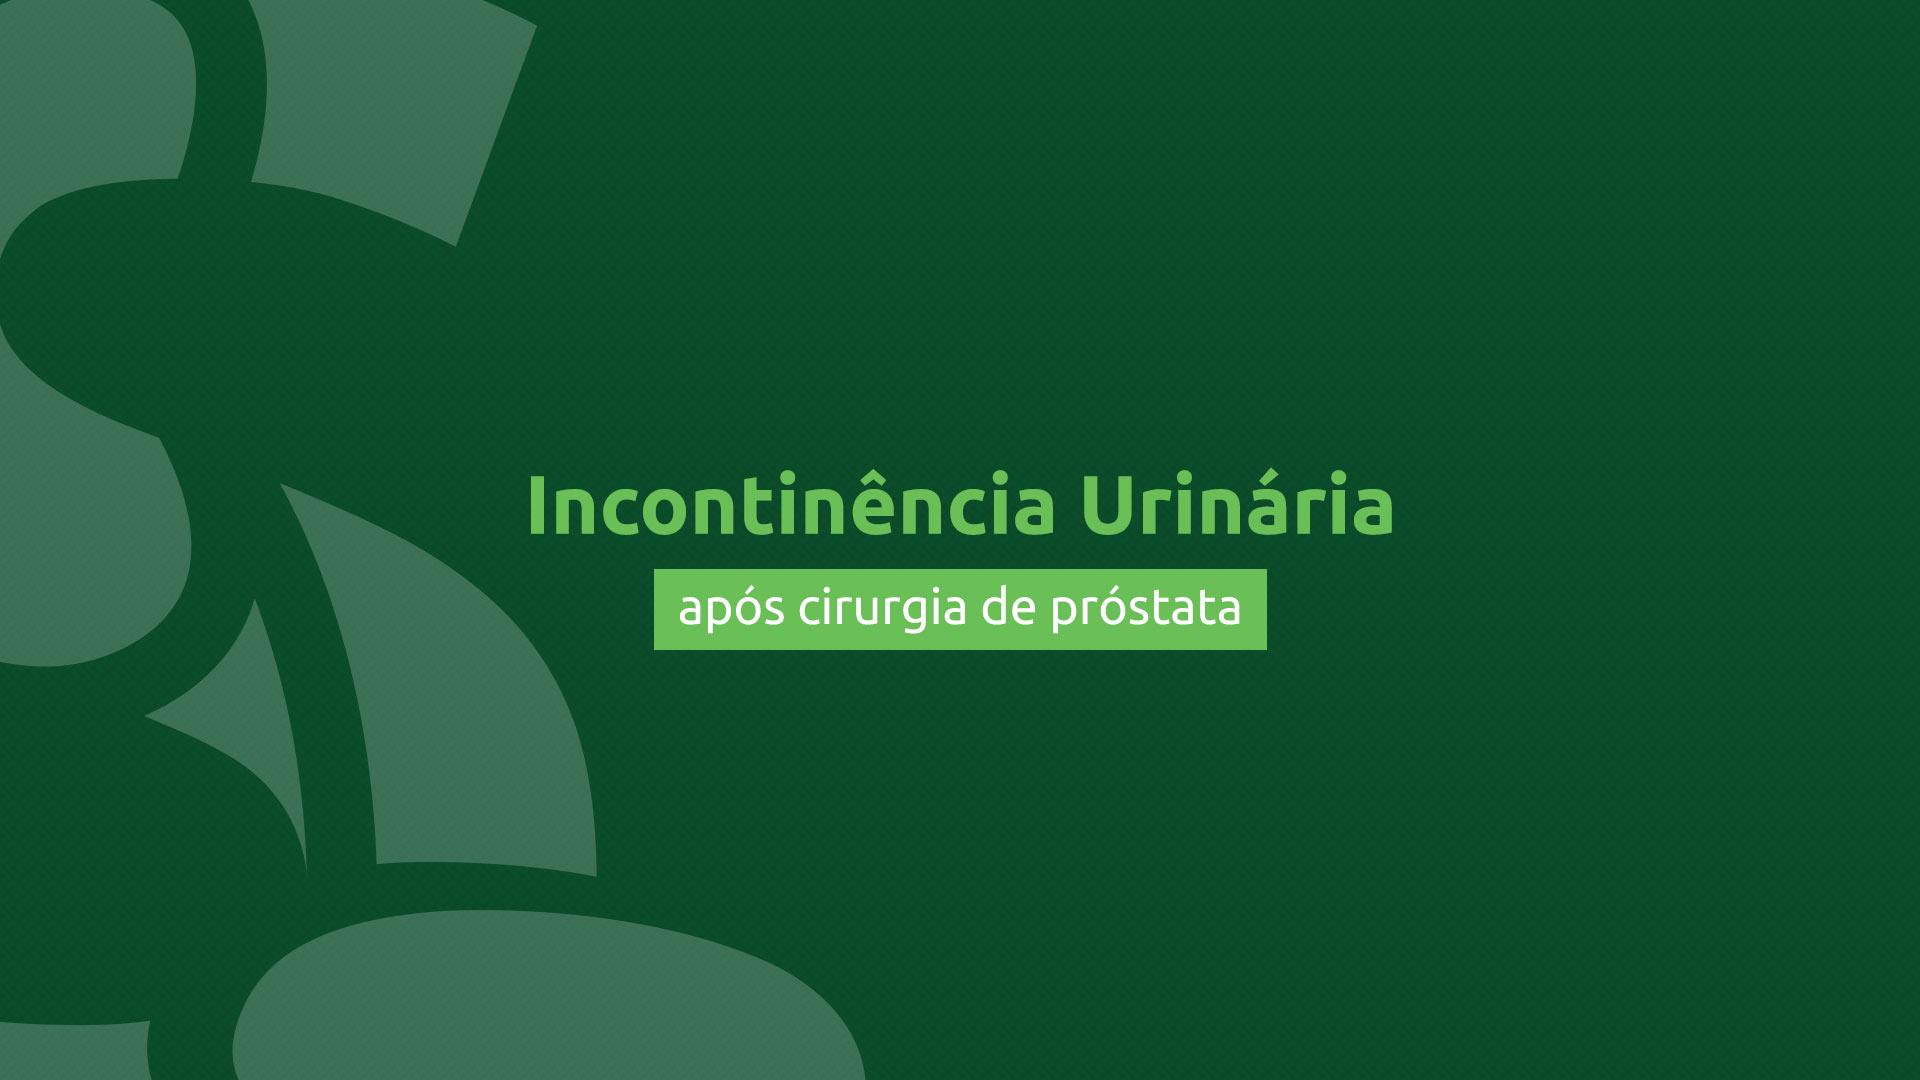 Incontinência urinária após cirurgia de próstata